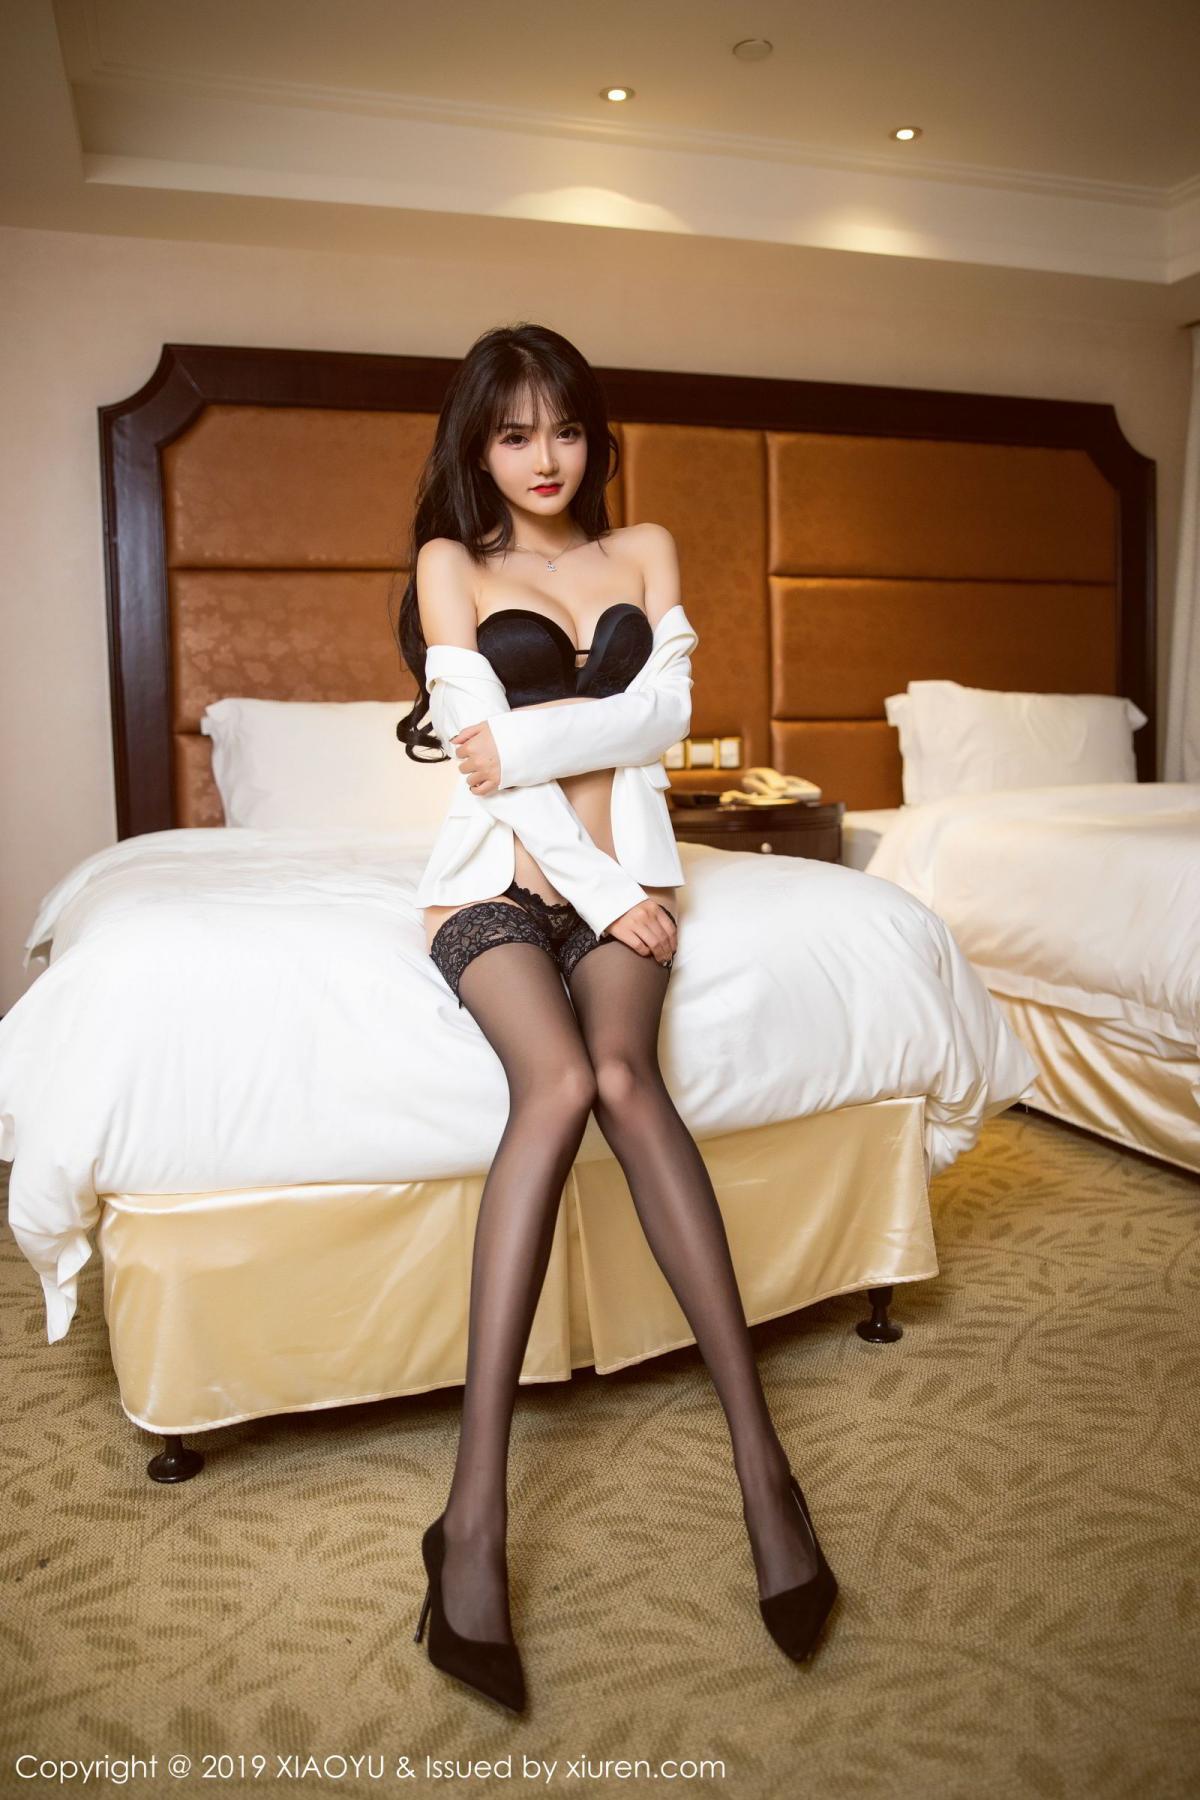 [XiaoYu] Vol.200 Miko Jiang 18P, Miko Jiang, Slim, Tall, Underwear, XiaoYu